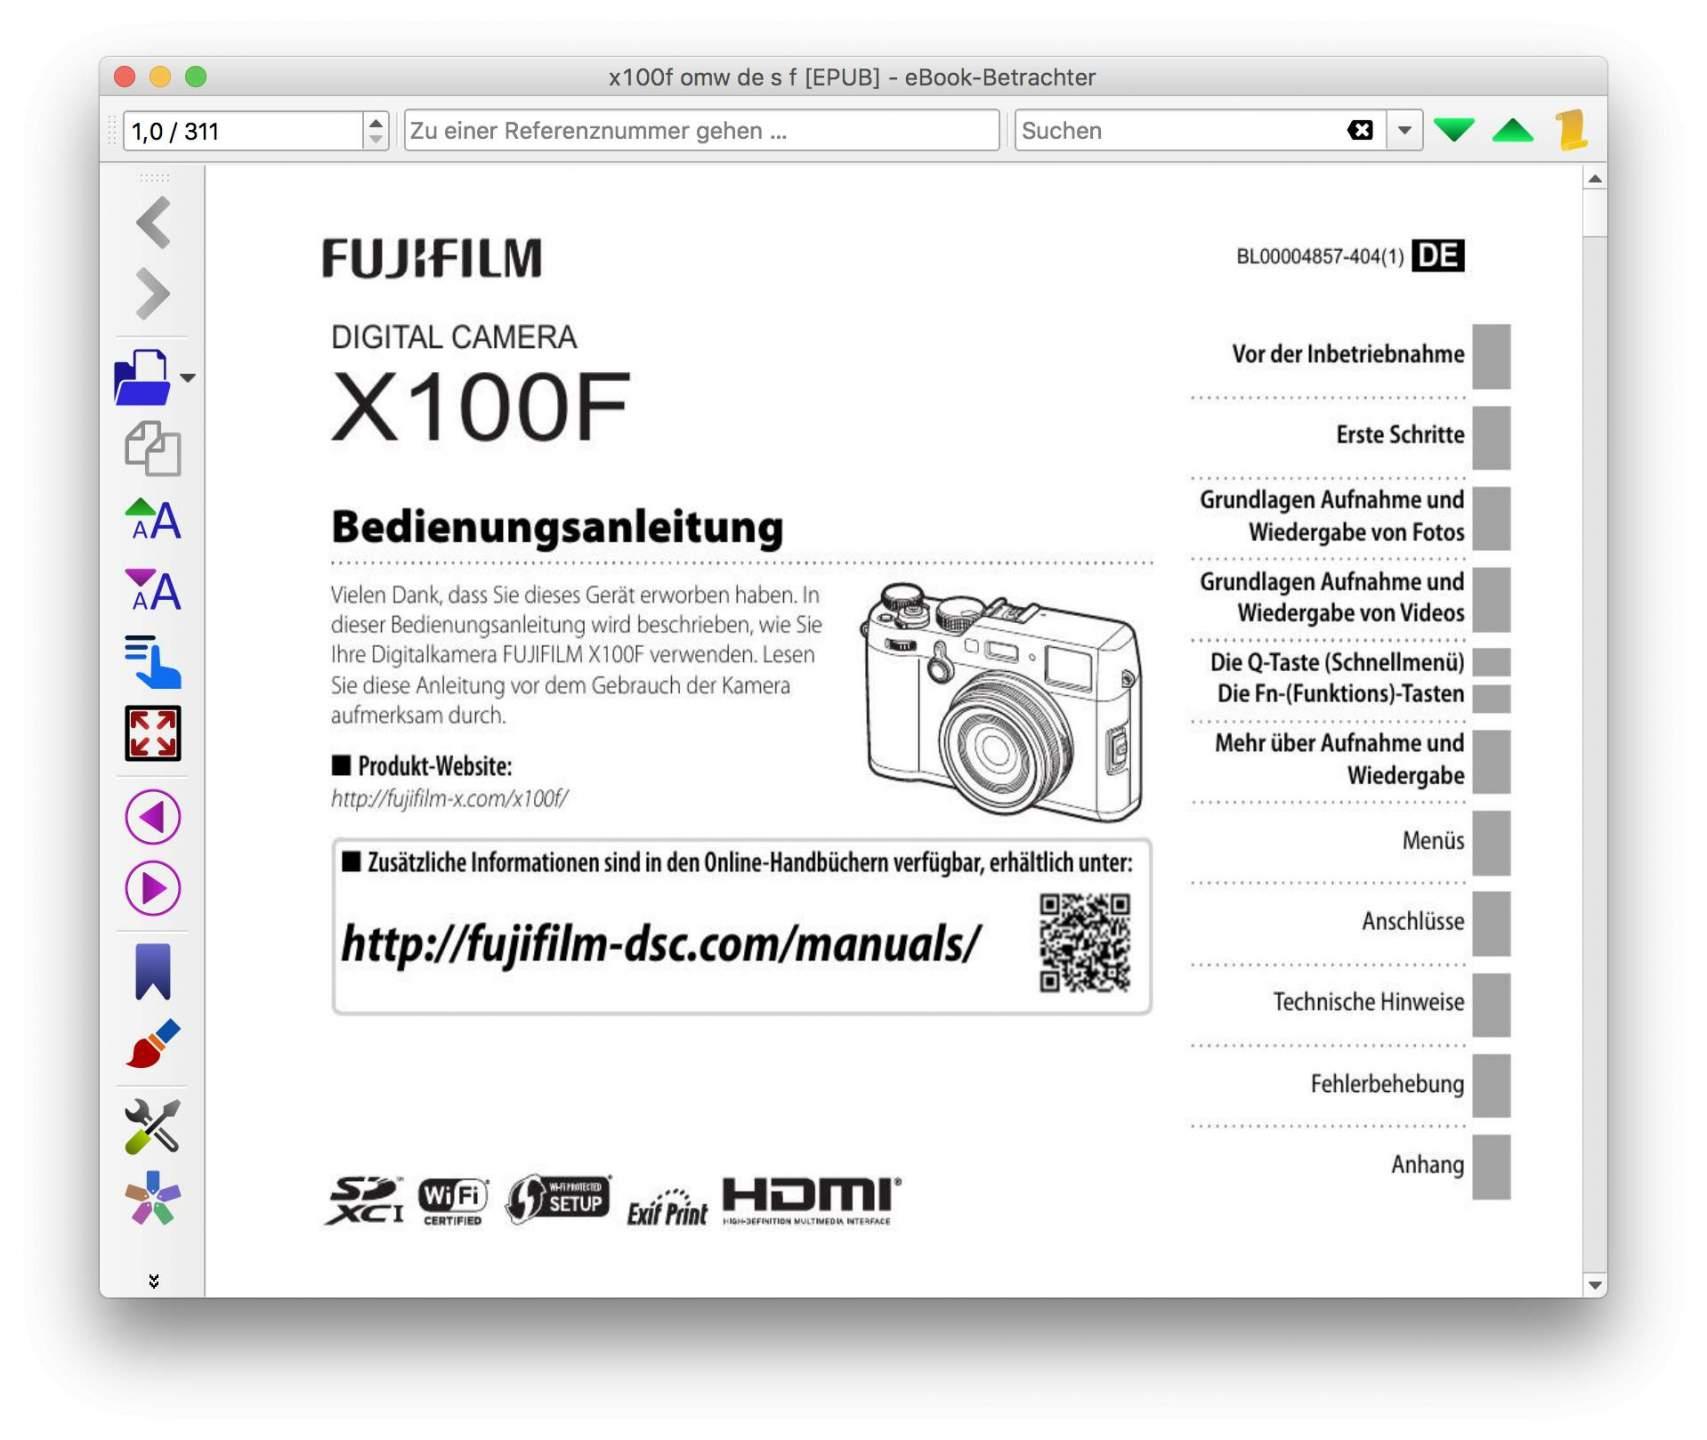 Fertig: Ihr könnt Euer EPUB-eBook jetzt verwenden.